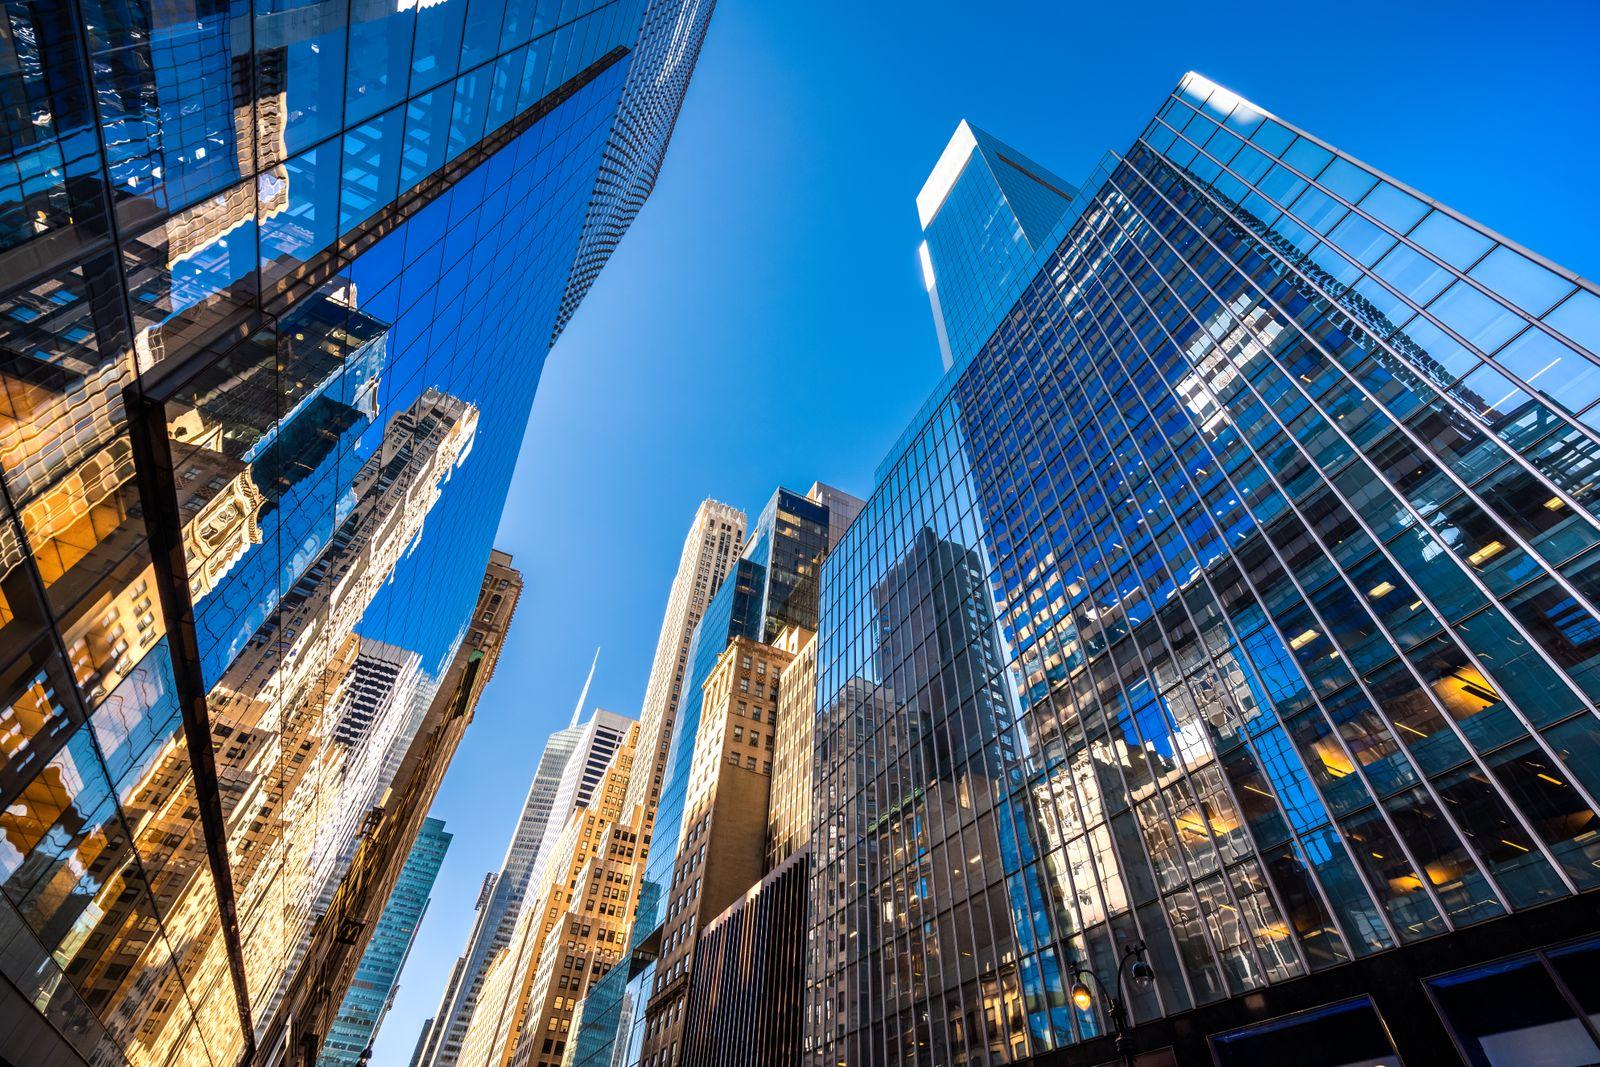 Futuristic skyscrapers in New York City